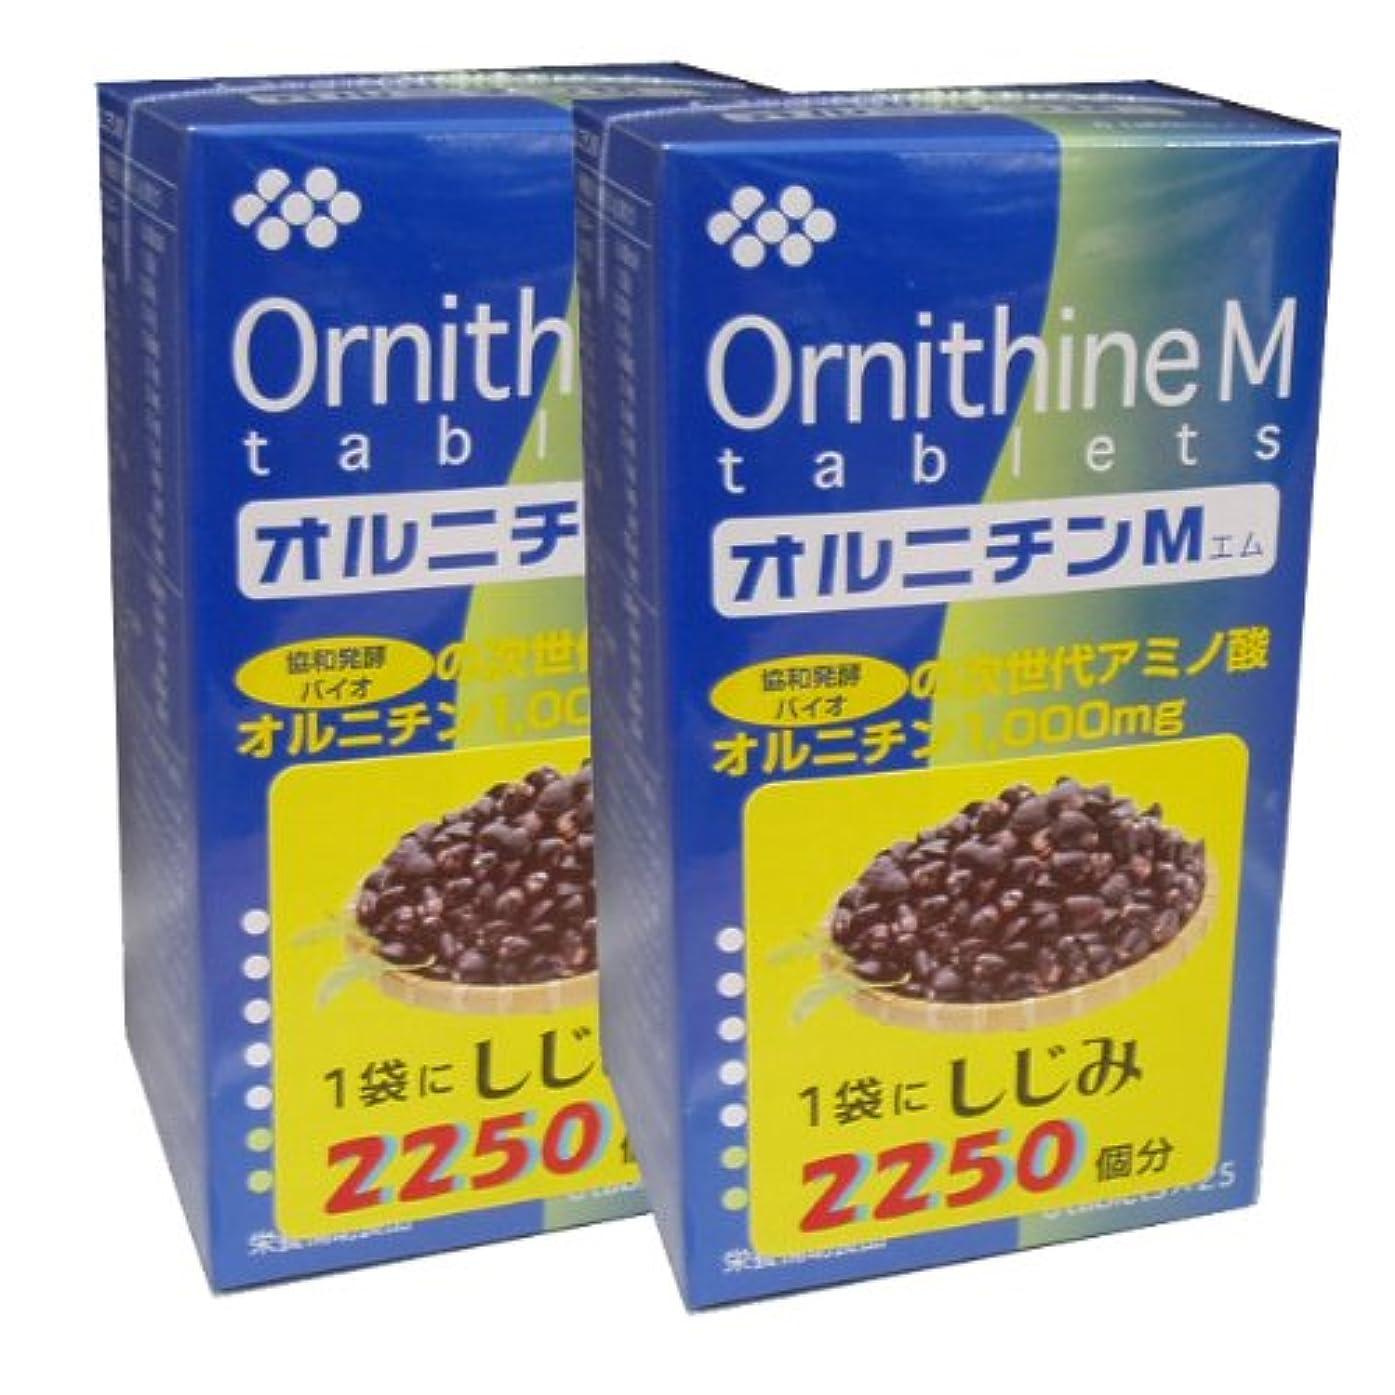 振り向く危険を冒します投資する協和発酵オルニチンM (6粒×25袋)×2個セット